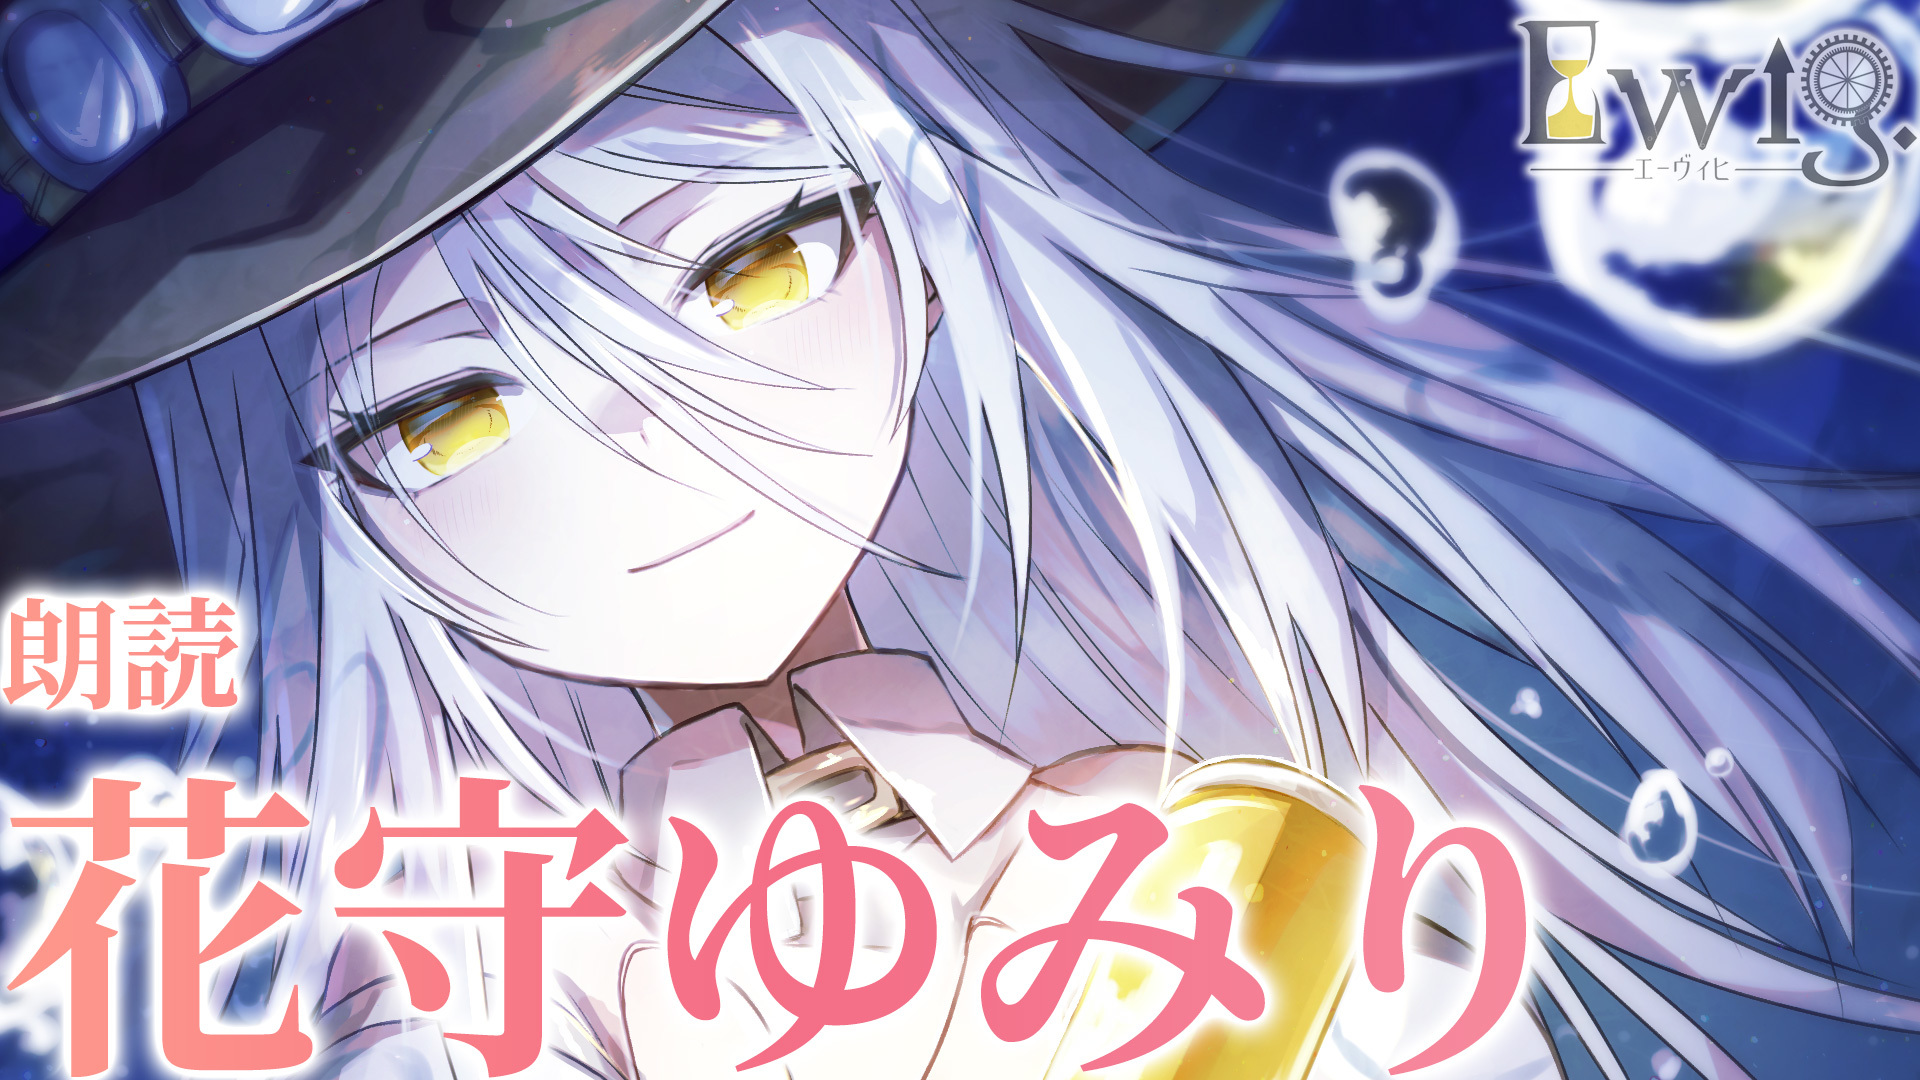 ビジュアルノベルアプリ『エーヴィヒ - 1章 永遠**』1話ダイジェスト&朗読動画公開